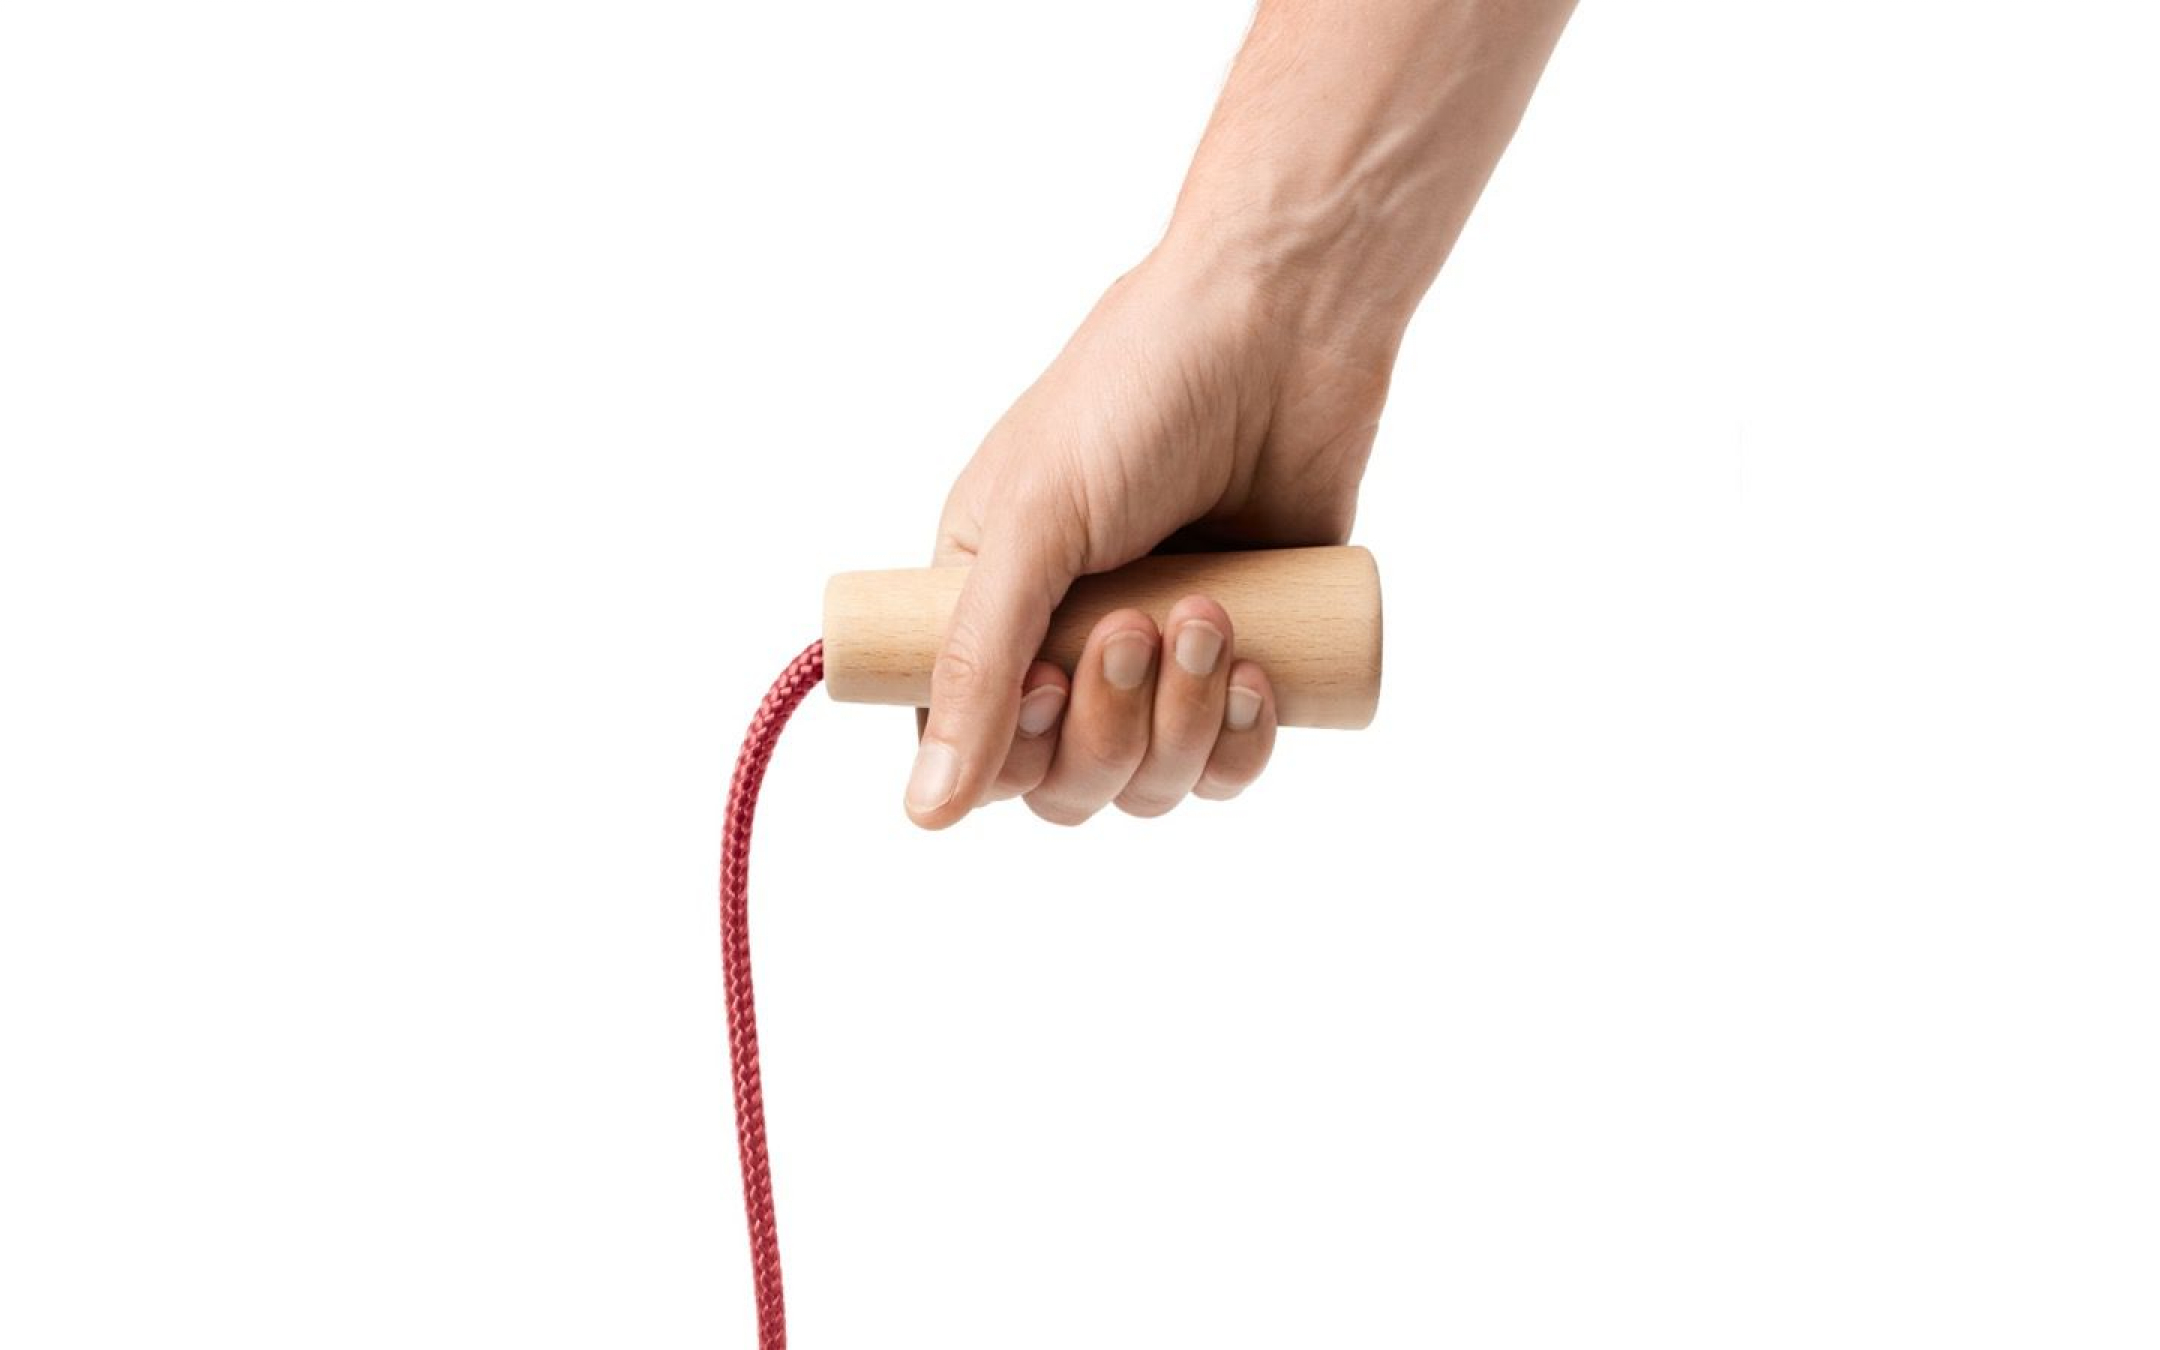 用PET瓶跳绳